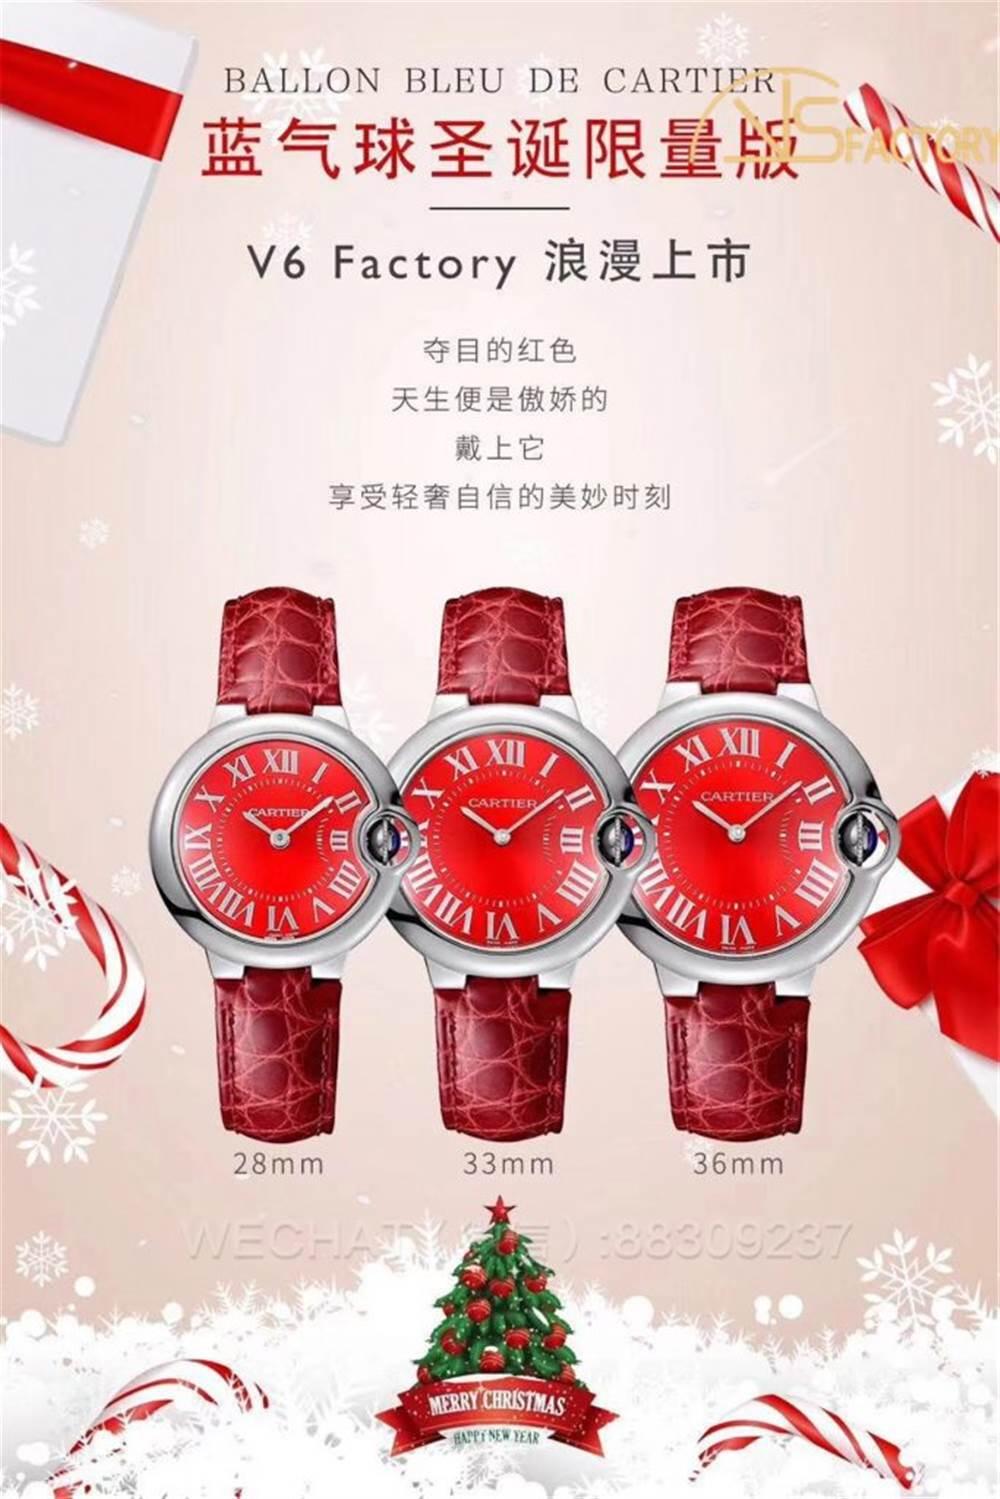 V6厂卡地亚蓝气球圣诞限量版「浪漫红色」多尺寸蓝气球腕表做工评测